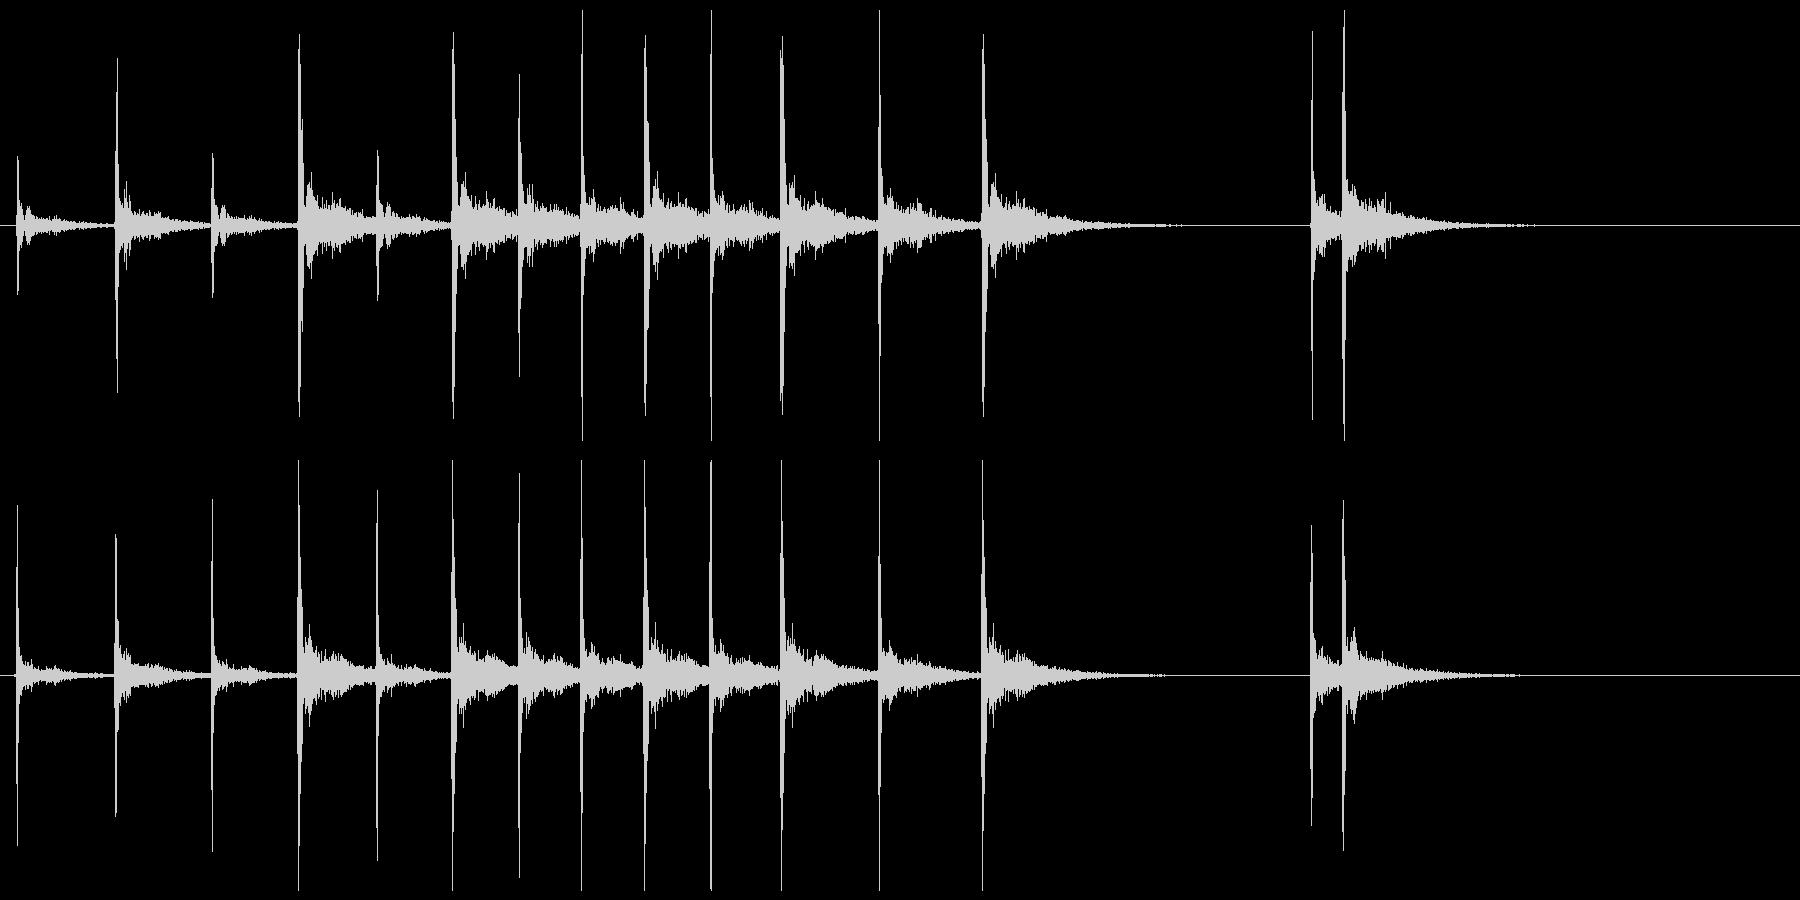 歌舞伎の立ち回り登場の付け打ちフレーズ音の未再生の波形